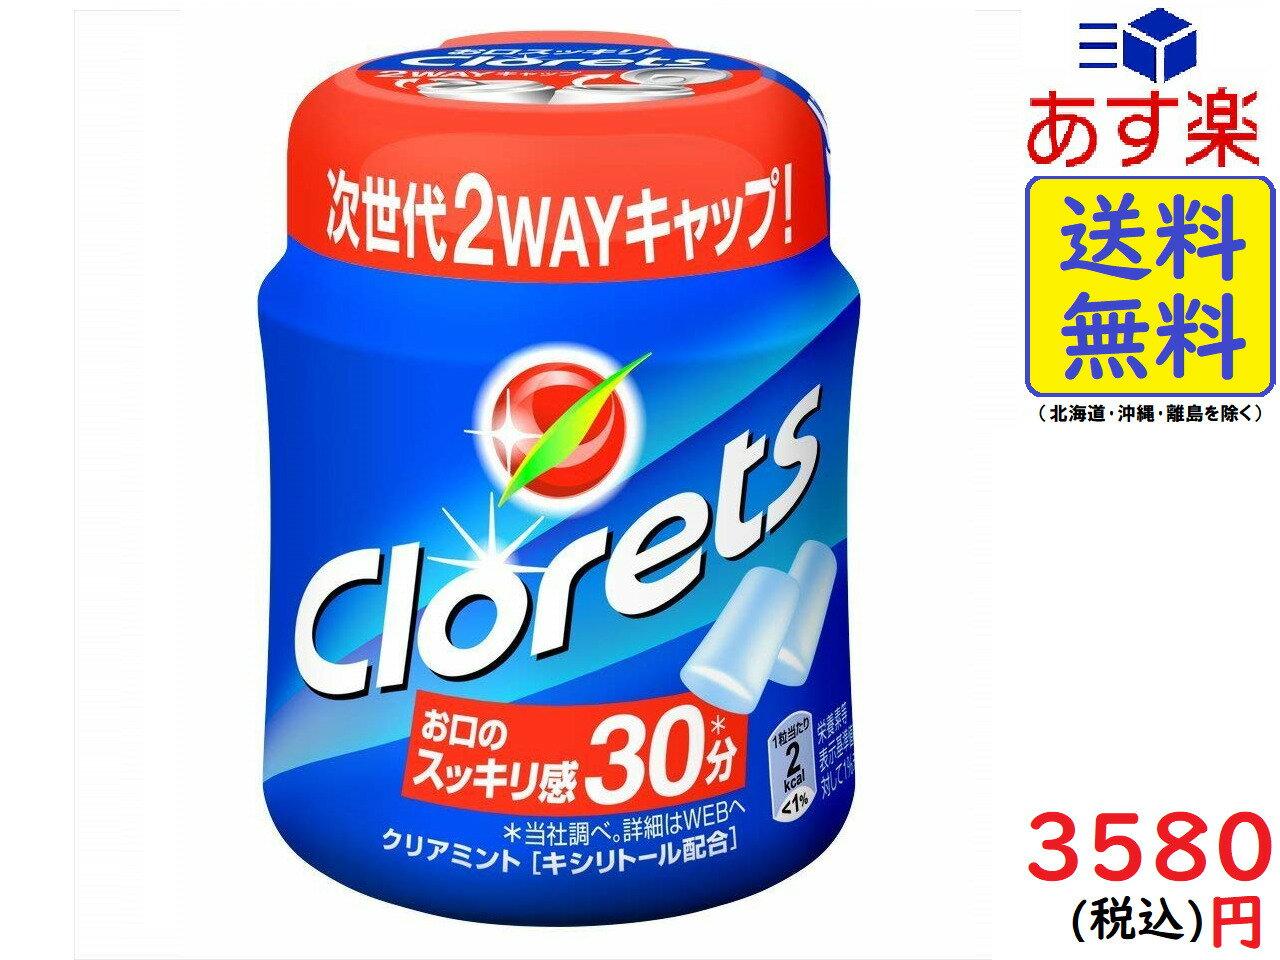 モンデリーズ・ジャパン クロレッツ XP ボトルR クリアミント (粒ガム) 140g×6個入